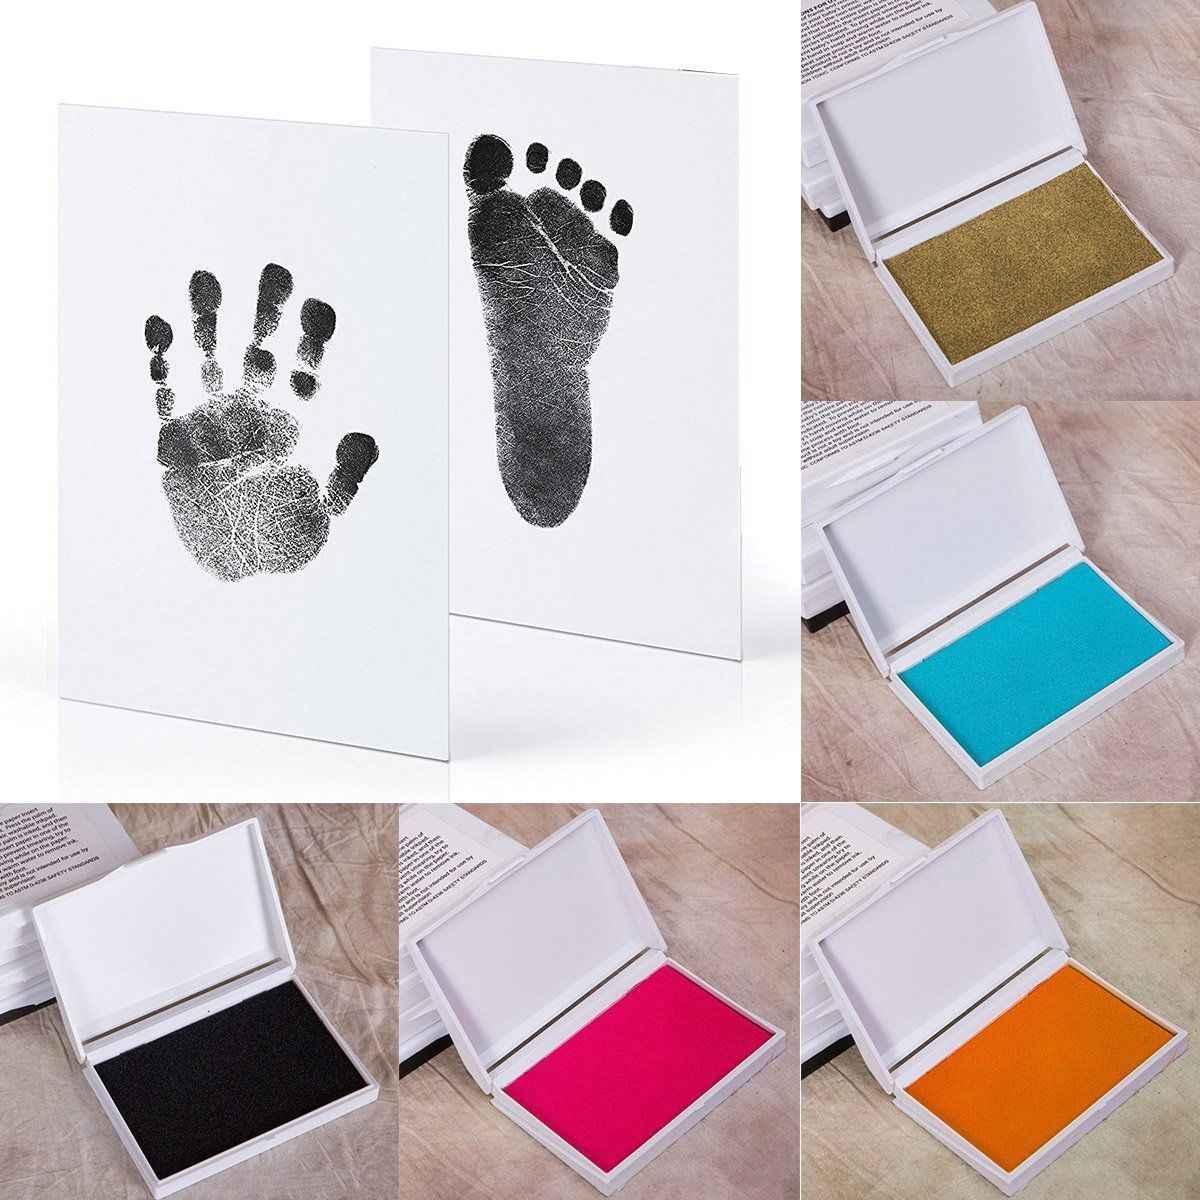 Kit de huella digital para bebé, almohadilla de impresión de pata, marco de foto, almohadilla de tinta táctil, artículos para bebé, regalos para recién nacidos, Souvenirs, almohadilla de tinta de fundición